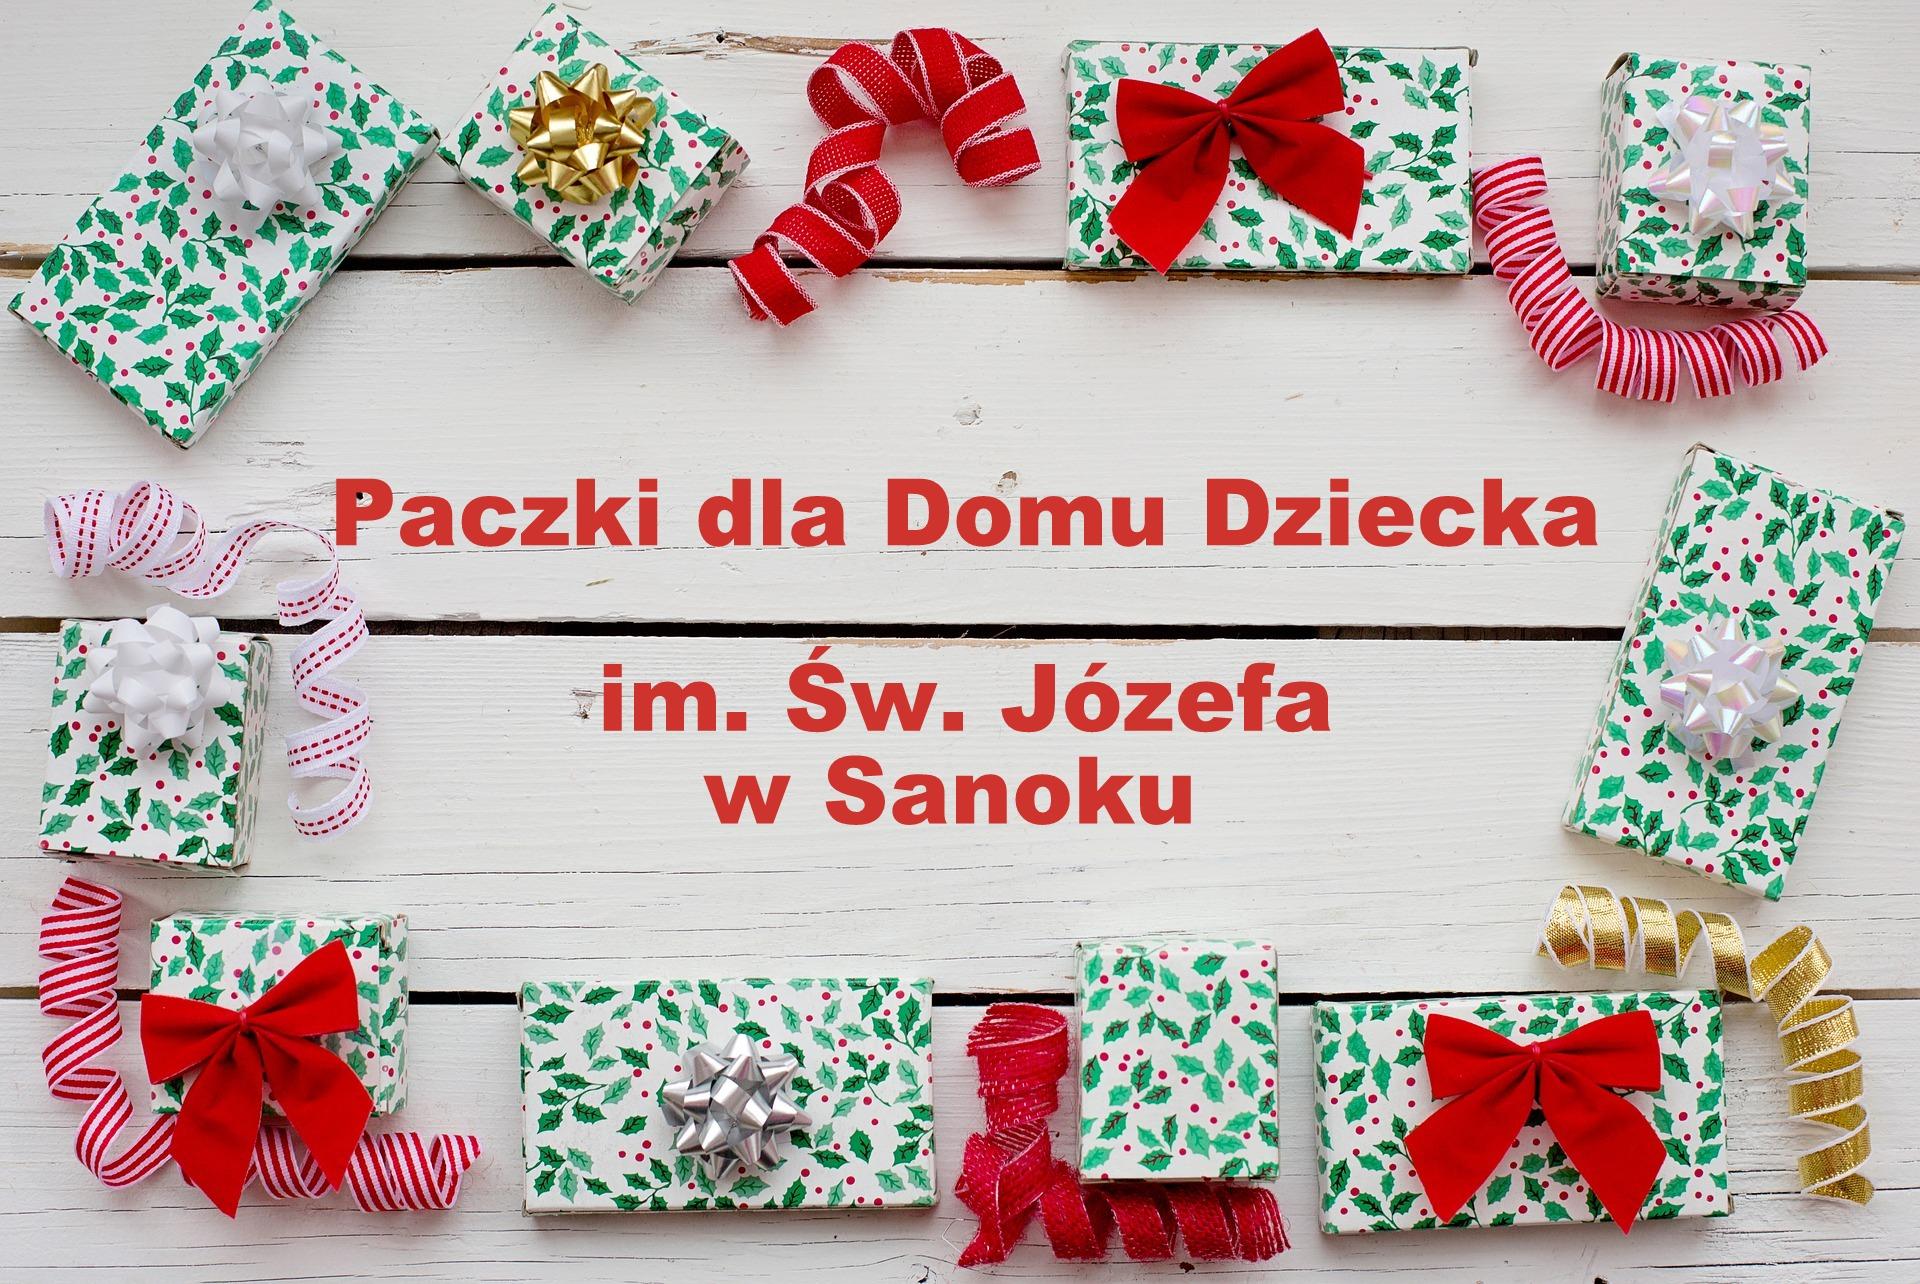 Paczka Świąteczna dla Domu Dziecka im. Św. Józefa w Sanoku - Zdjęcie główne